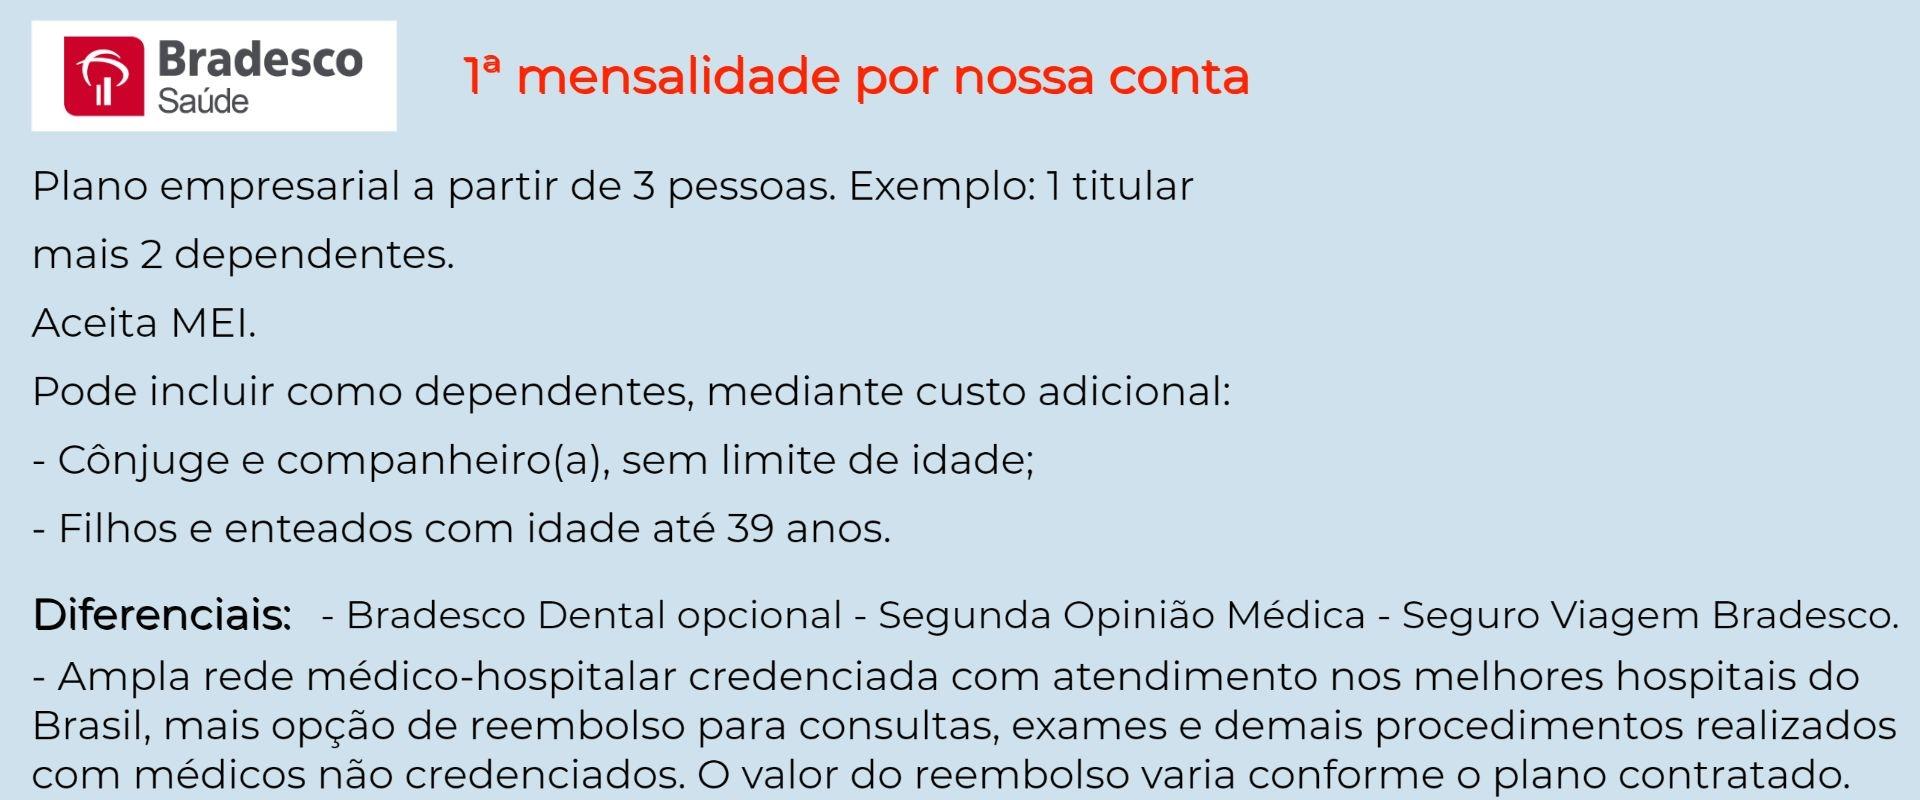 Bradesco Saúde Empresarial - Franca